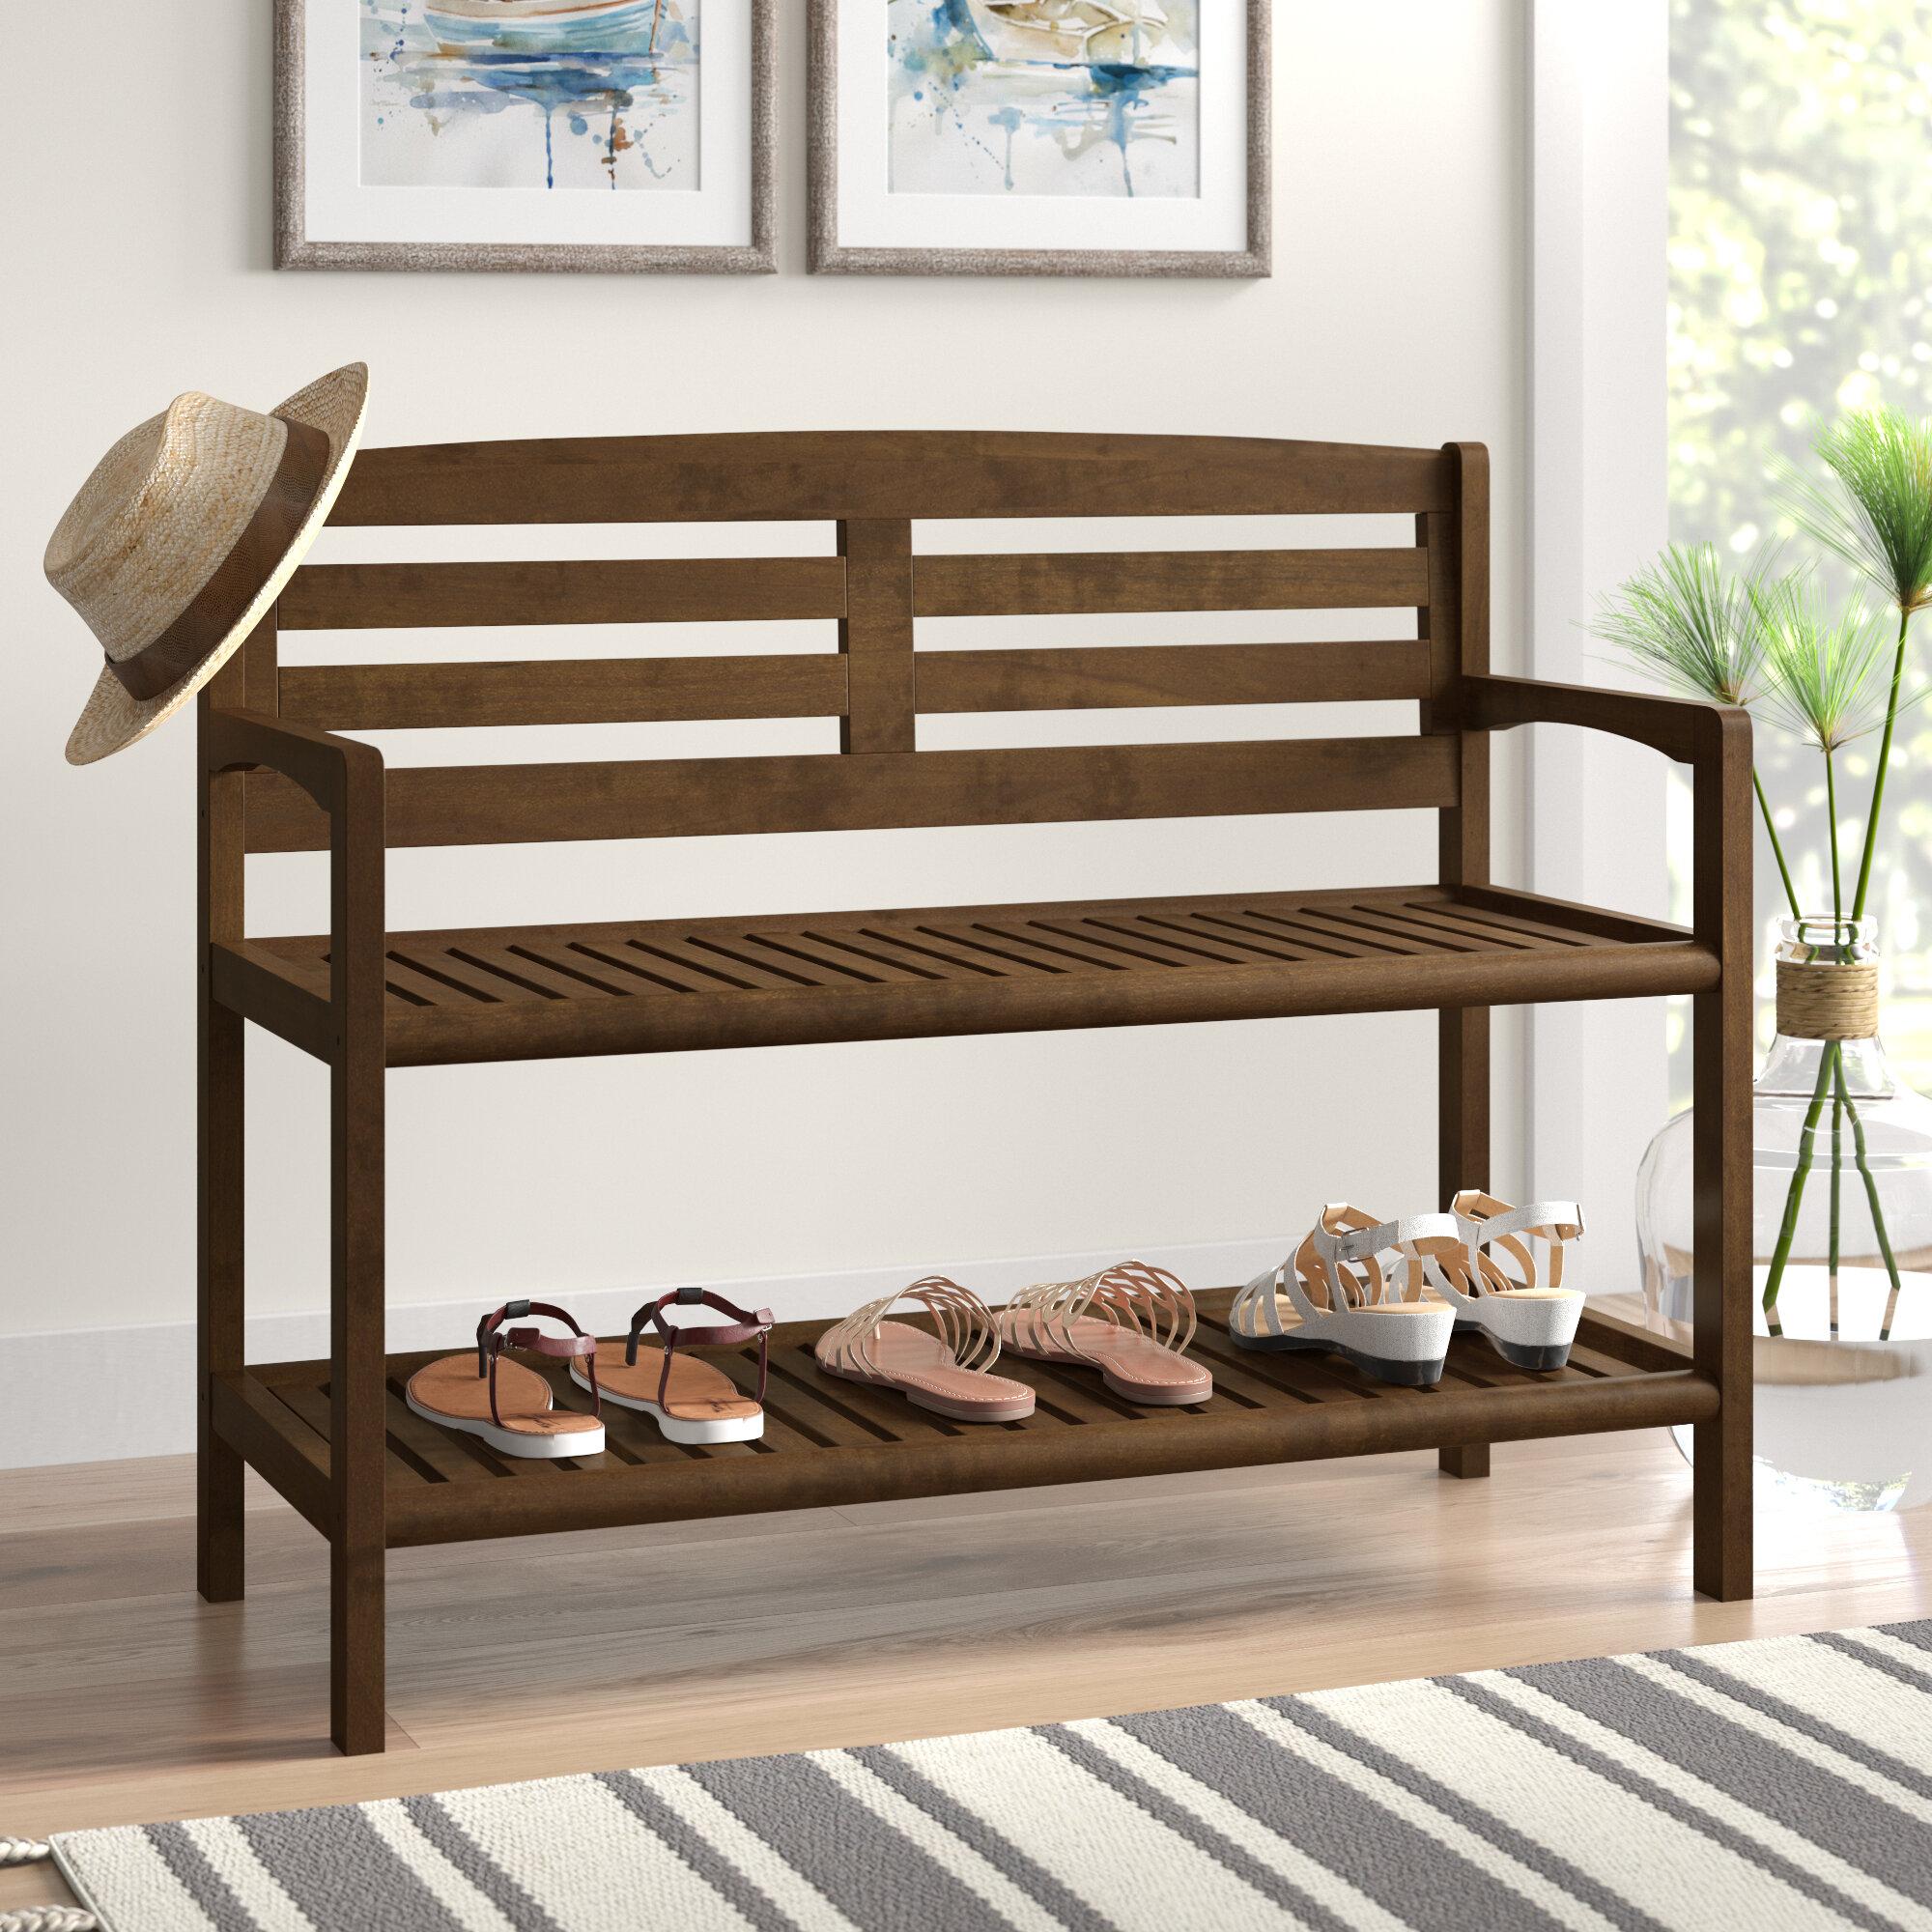 Breakwater Bay Hales Solid Wood Shelves Storage Bench Reviews Wayfair